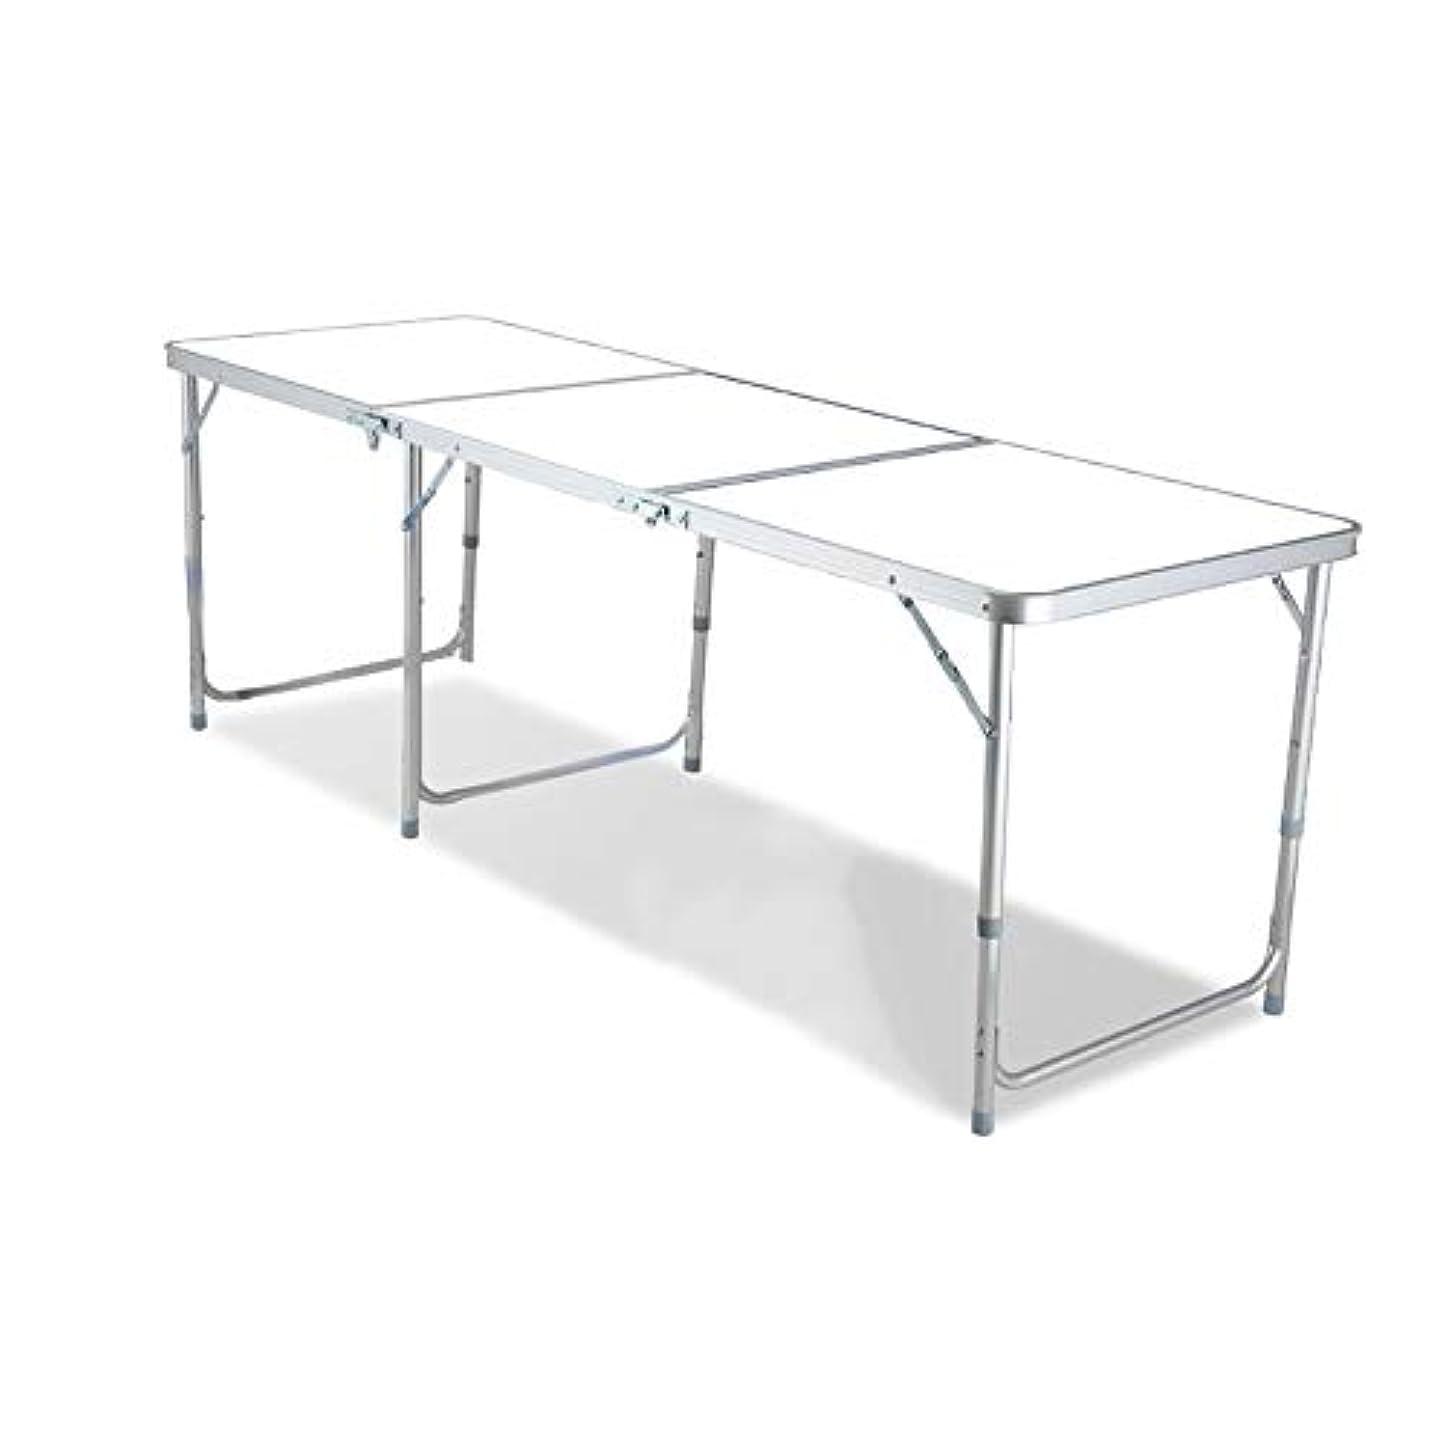 どこでも原理れんがLJHA zhuozi 折りたたみ式テーブル、キャンプに適した長方形の高さ調整ライトキャリングストラップ、ベッドルームなど(3色) (色 : 白)